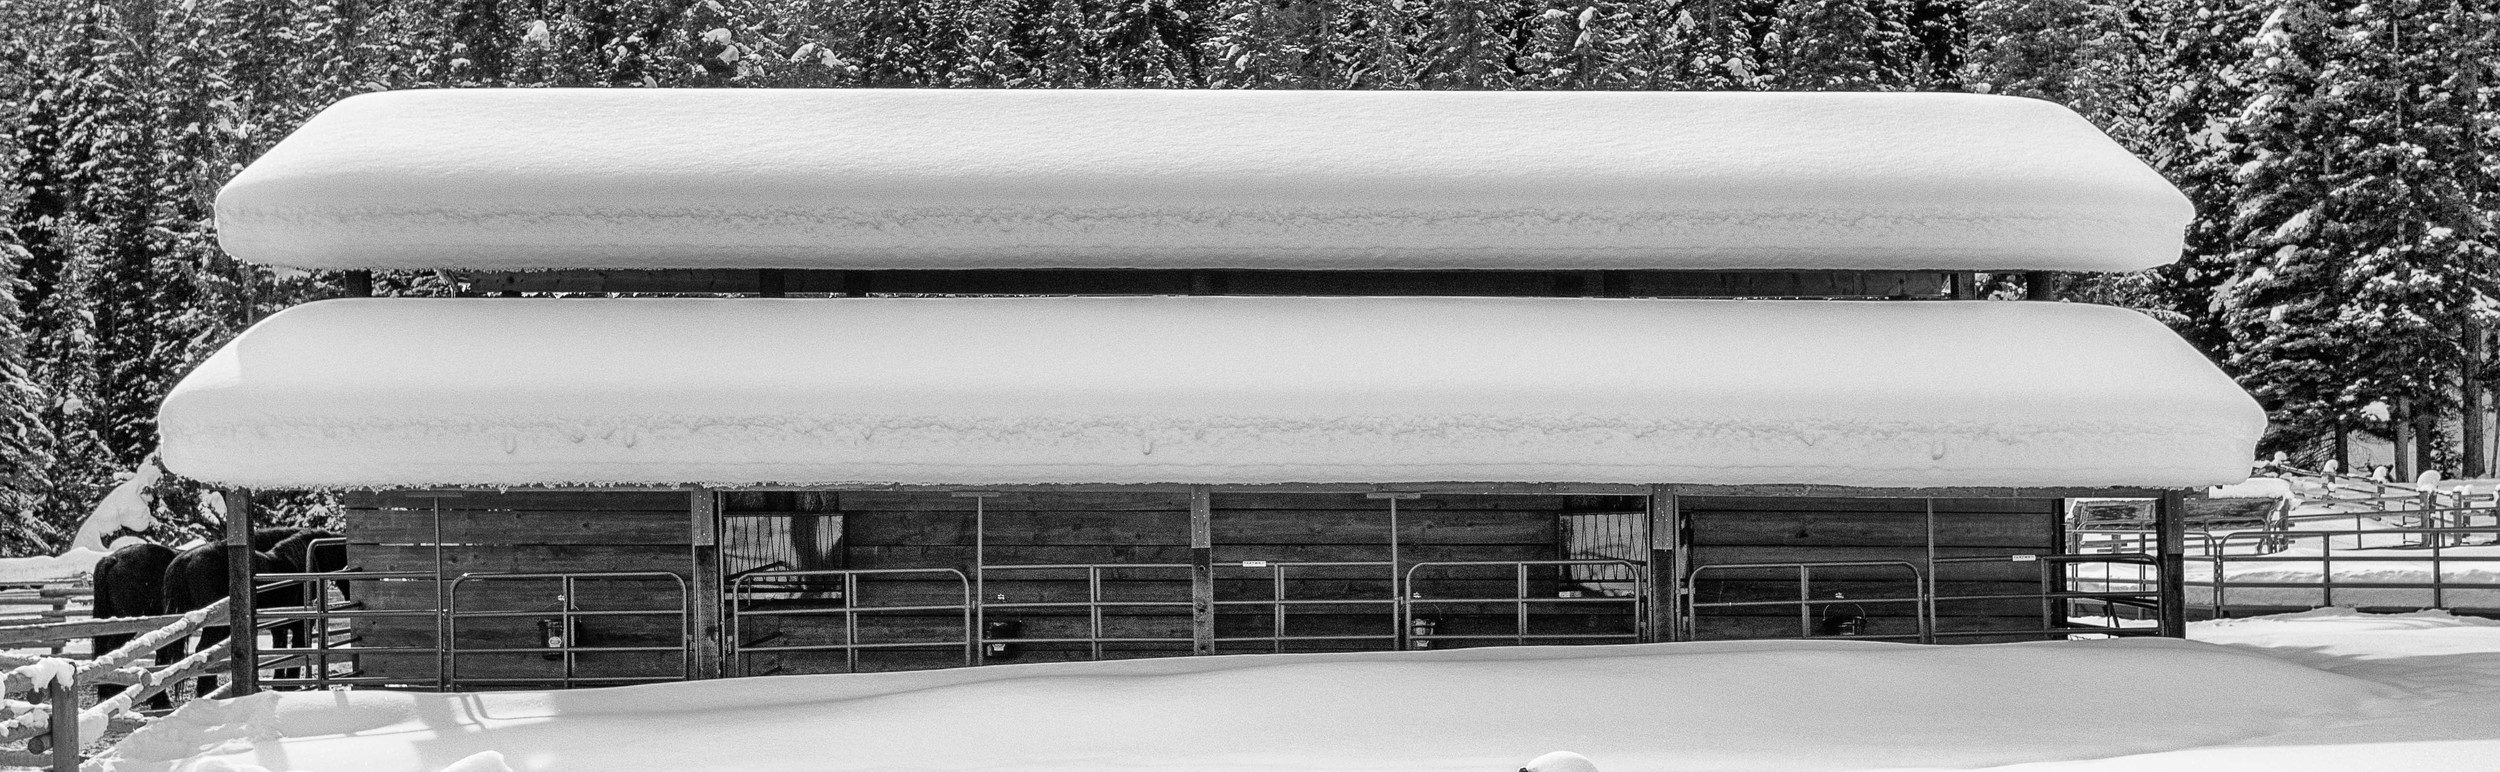 Montana-073-Edit.jpg